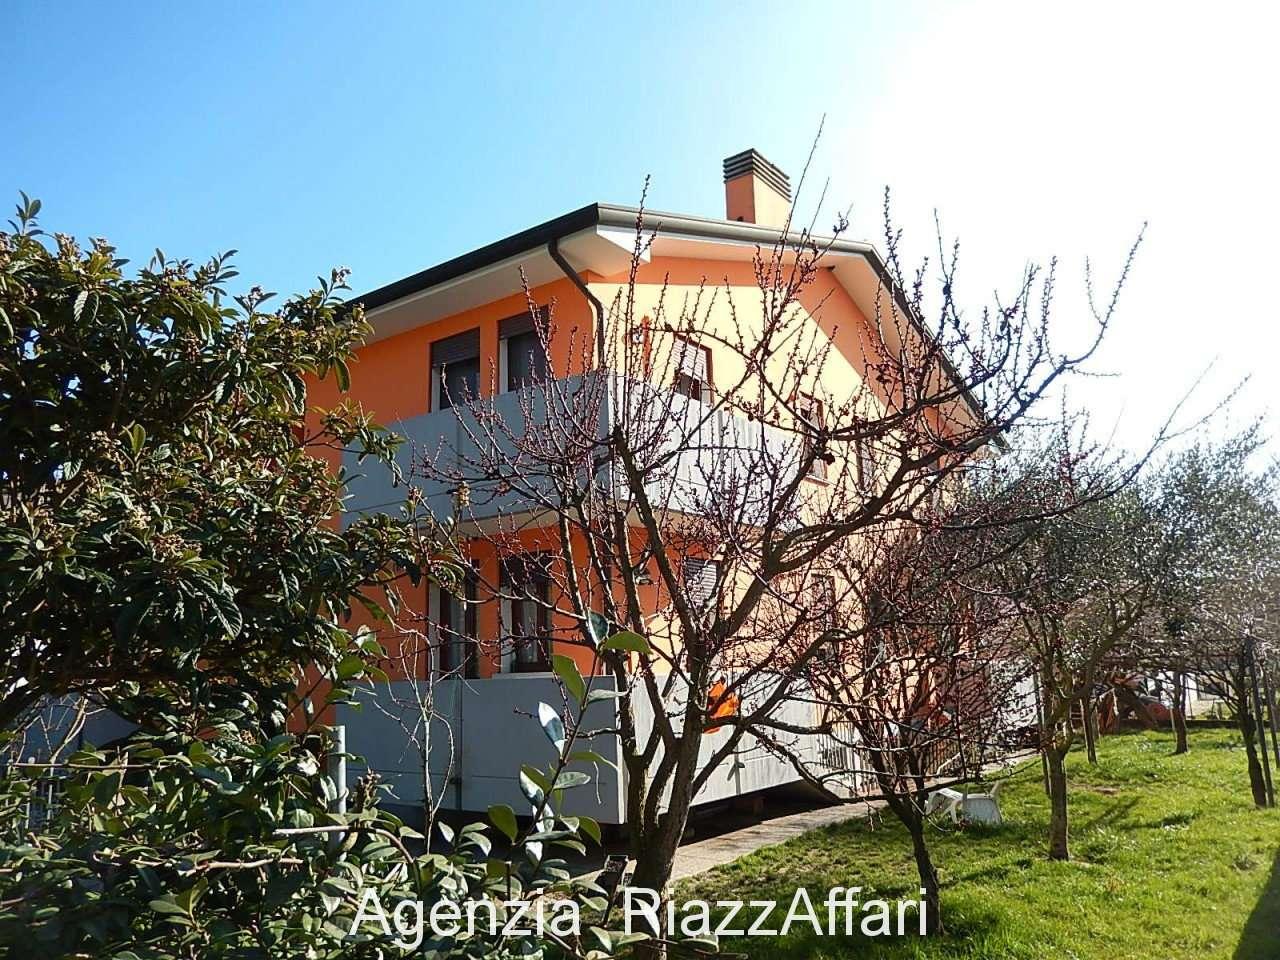 Appartamento in vendita a Pontelongo, 3 locali, prezzo € 75.000 | CambioCasa.it